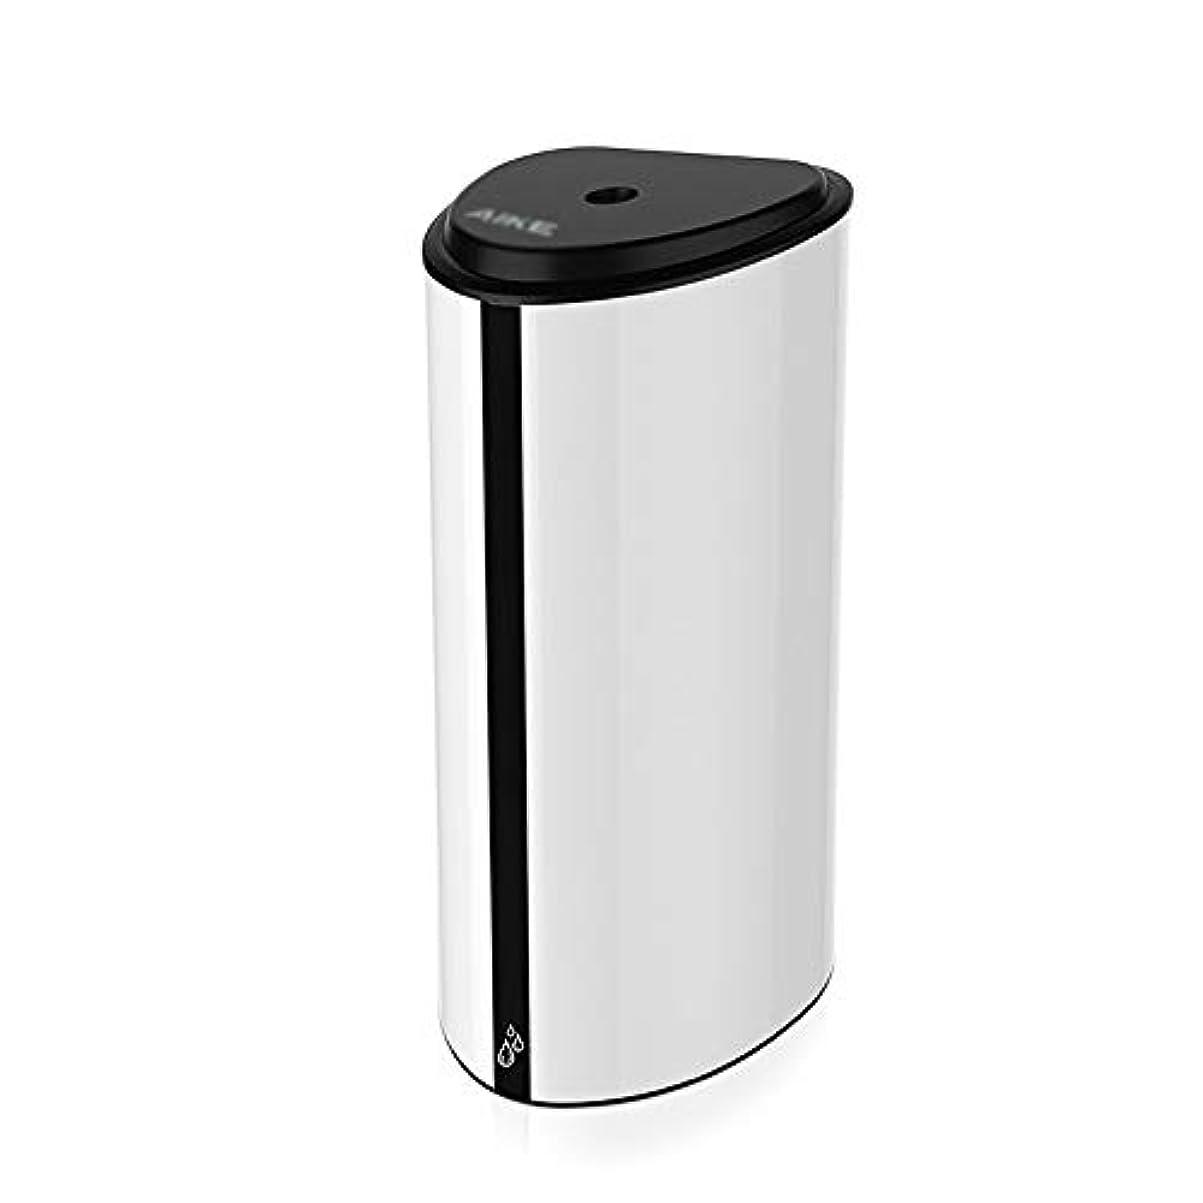 トマトポットミスソープディスペンサー 800ミリリットル容量の自動ソープディスペンサーは、タッチレスバッテリーは、ハンズフリーソープディスペンサーを運営しました ハンドソープ 食器用洗剤 キッチン 洗面所などに適用 (Color : White...